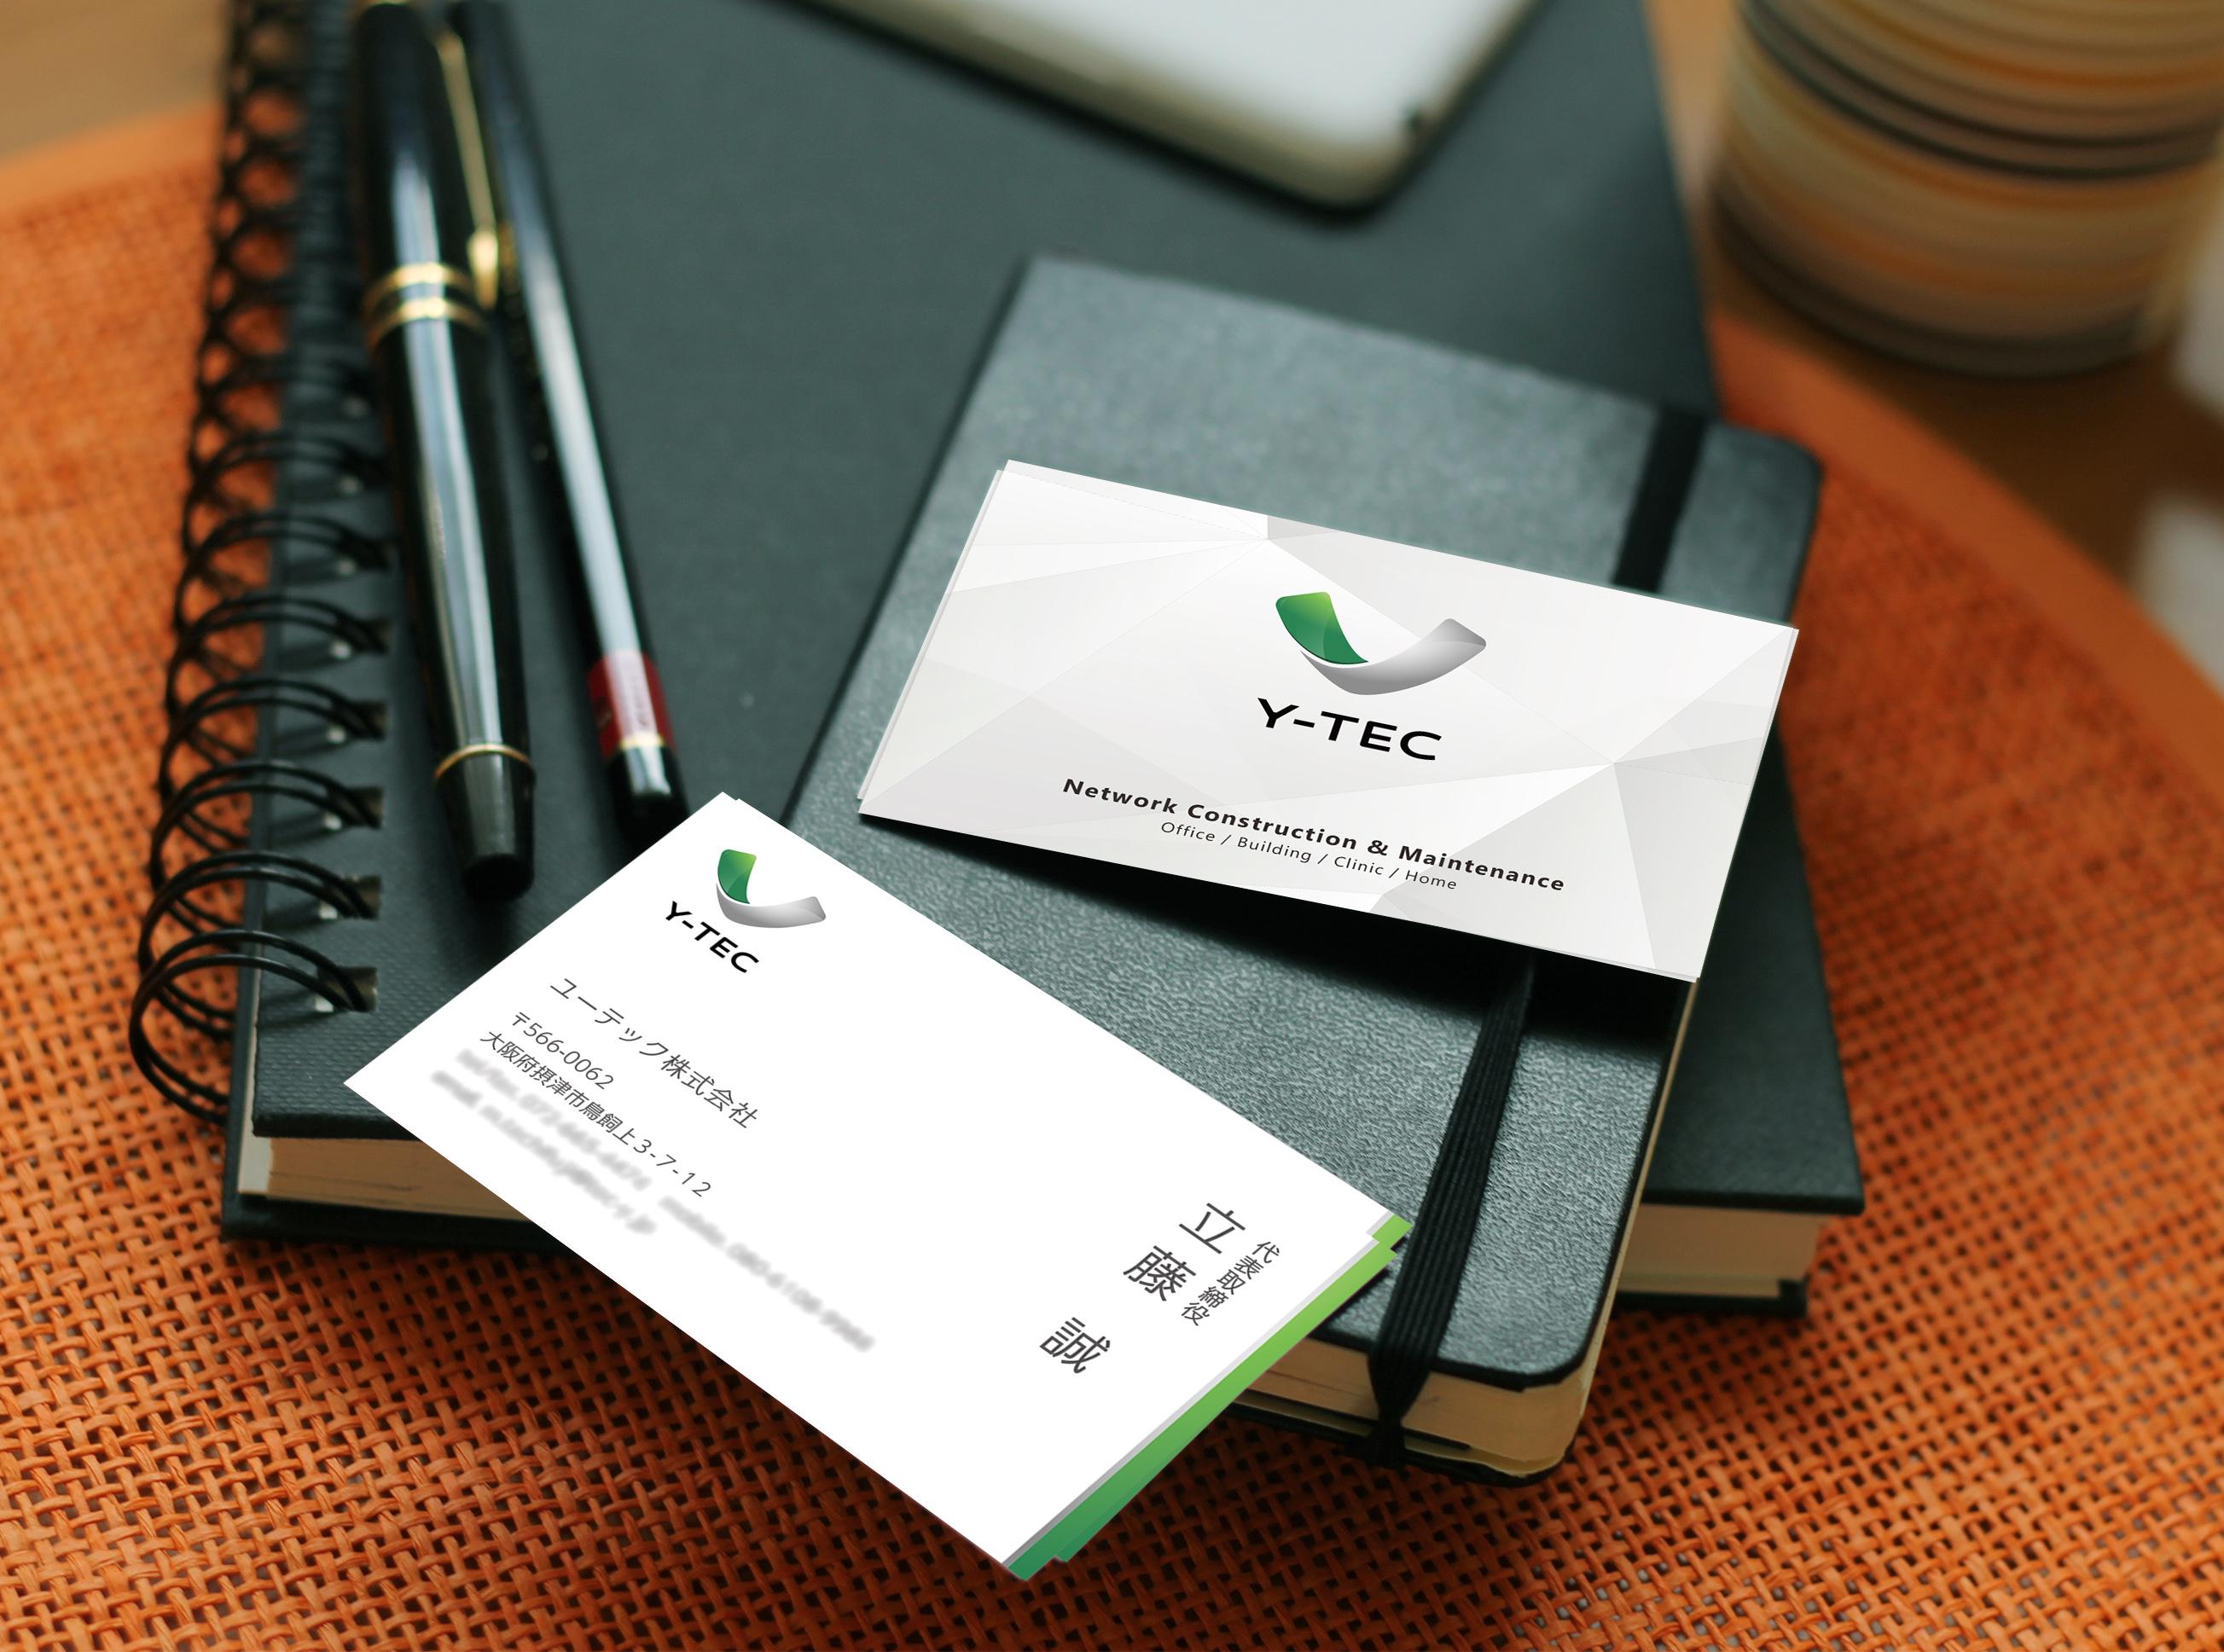 Businesscard_mockup_y-tec_A